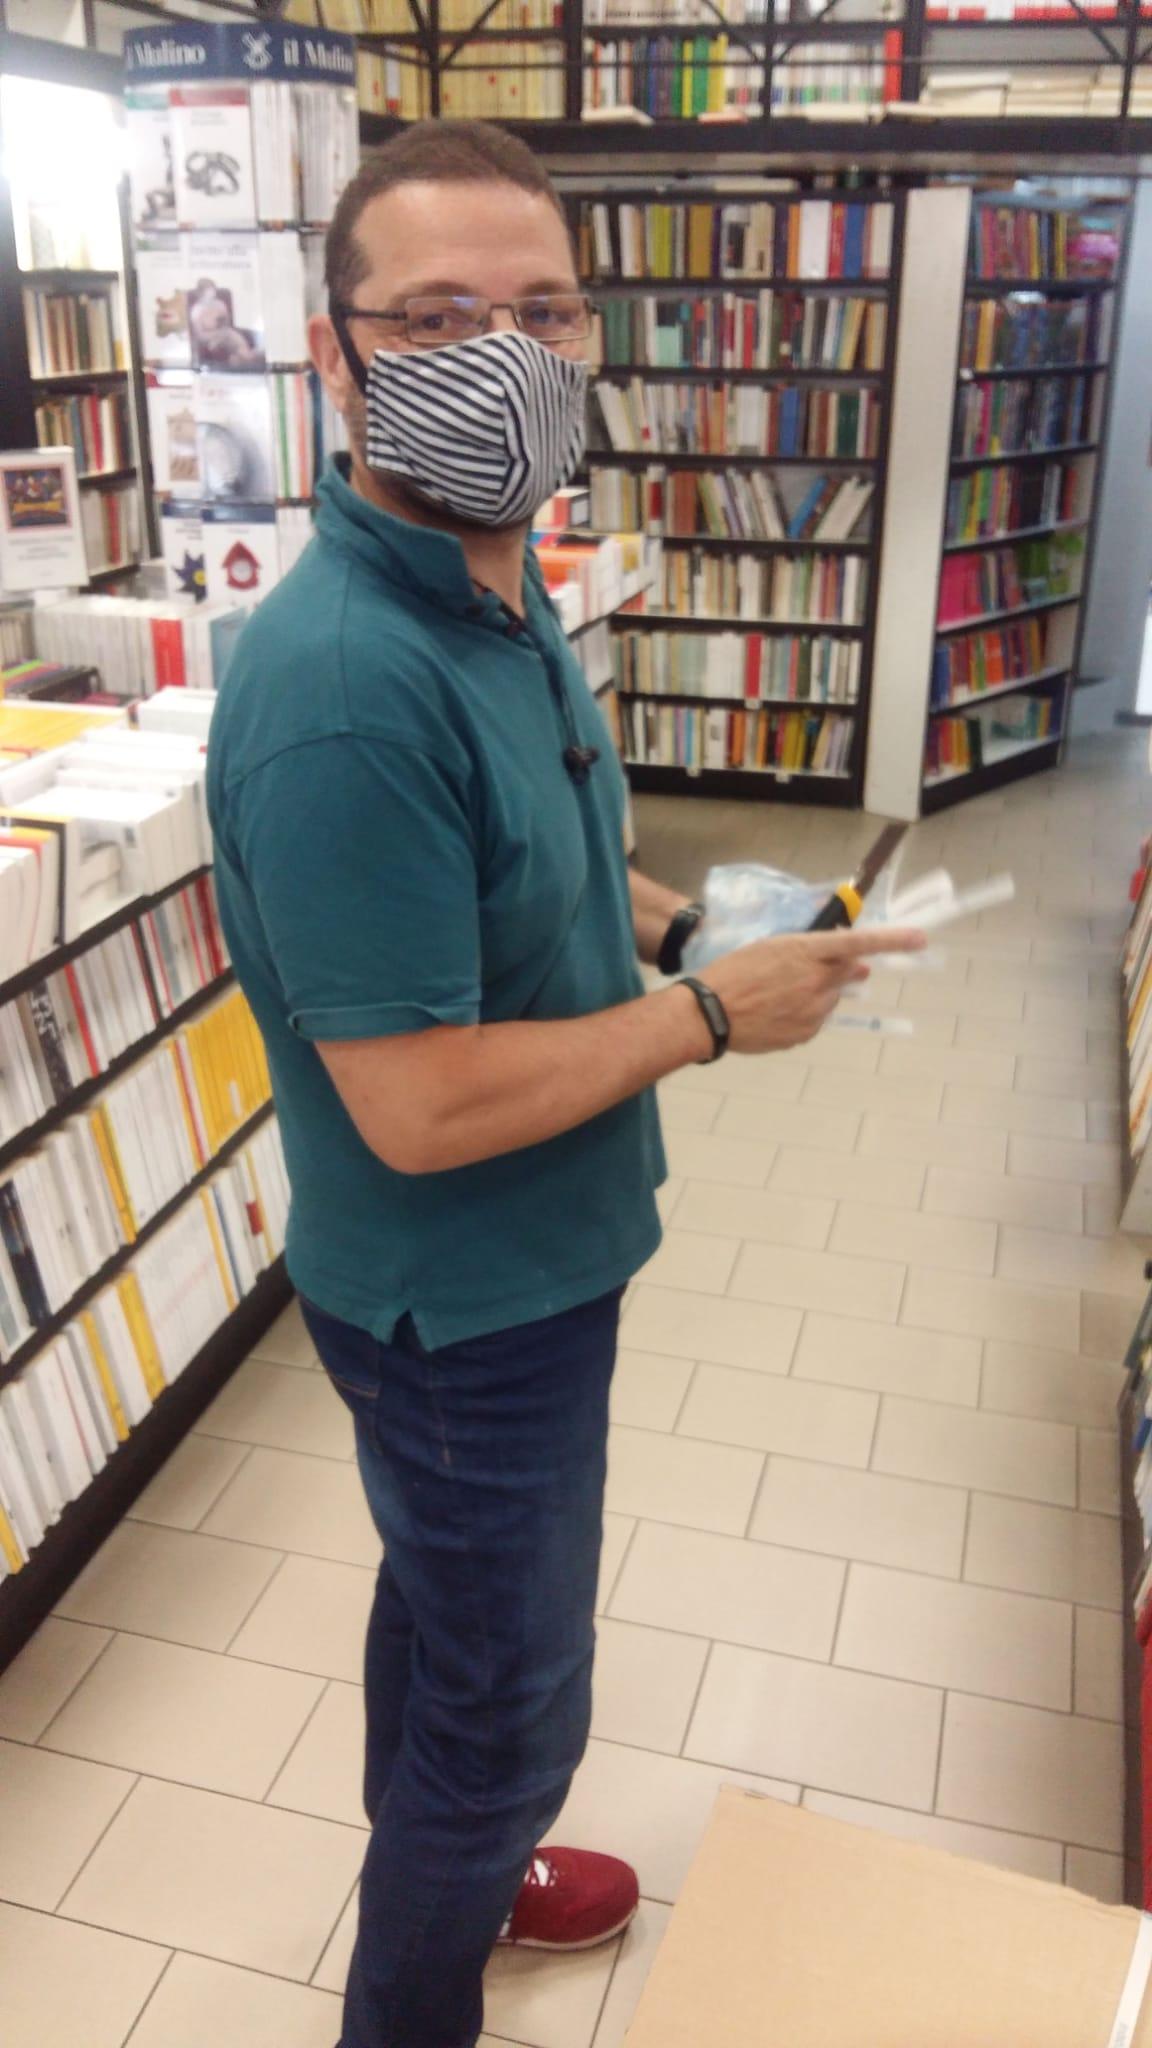 """Viterbo, Coronavirus, """"Viterbo riapre"""", """"Oltre la pandemia, bisognerà riabituare le persone alla lettura"""", parla Emanuele Paris (Libreria Fernandez)"""